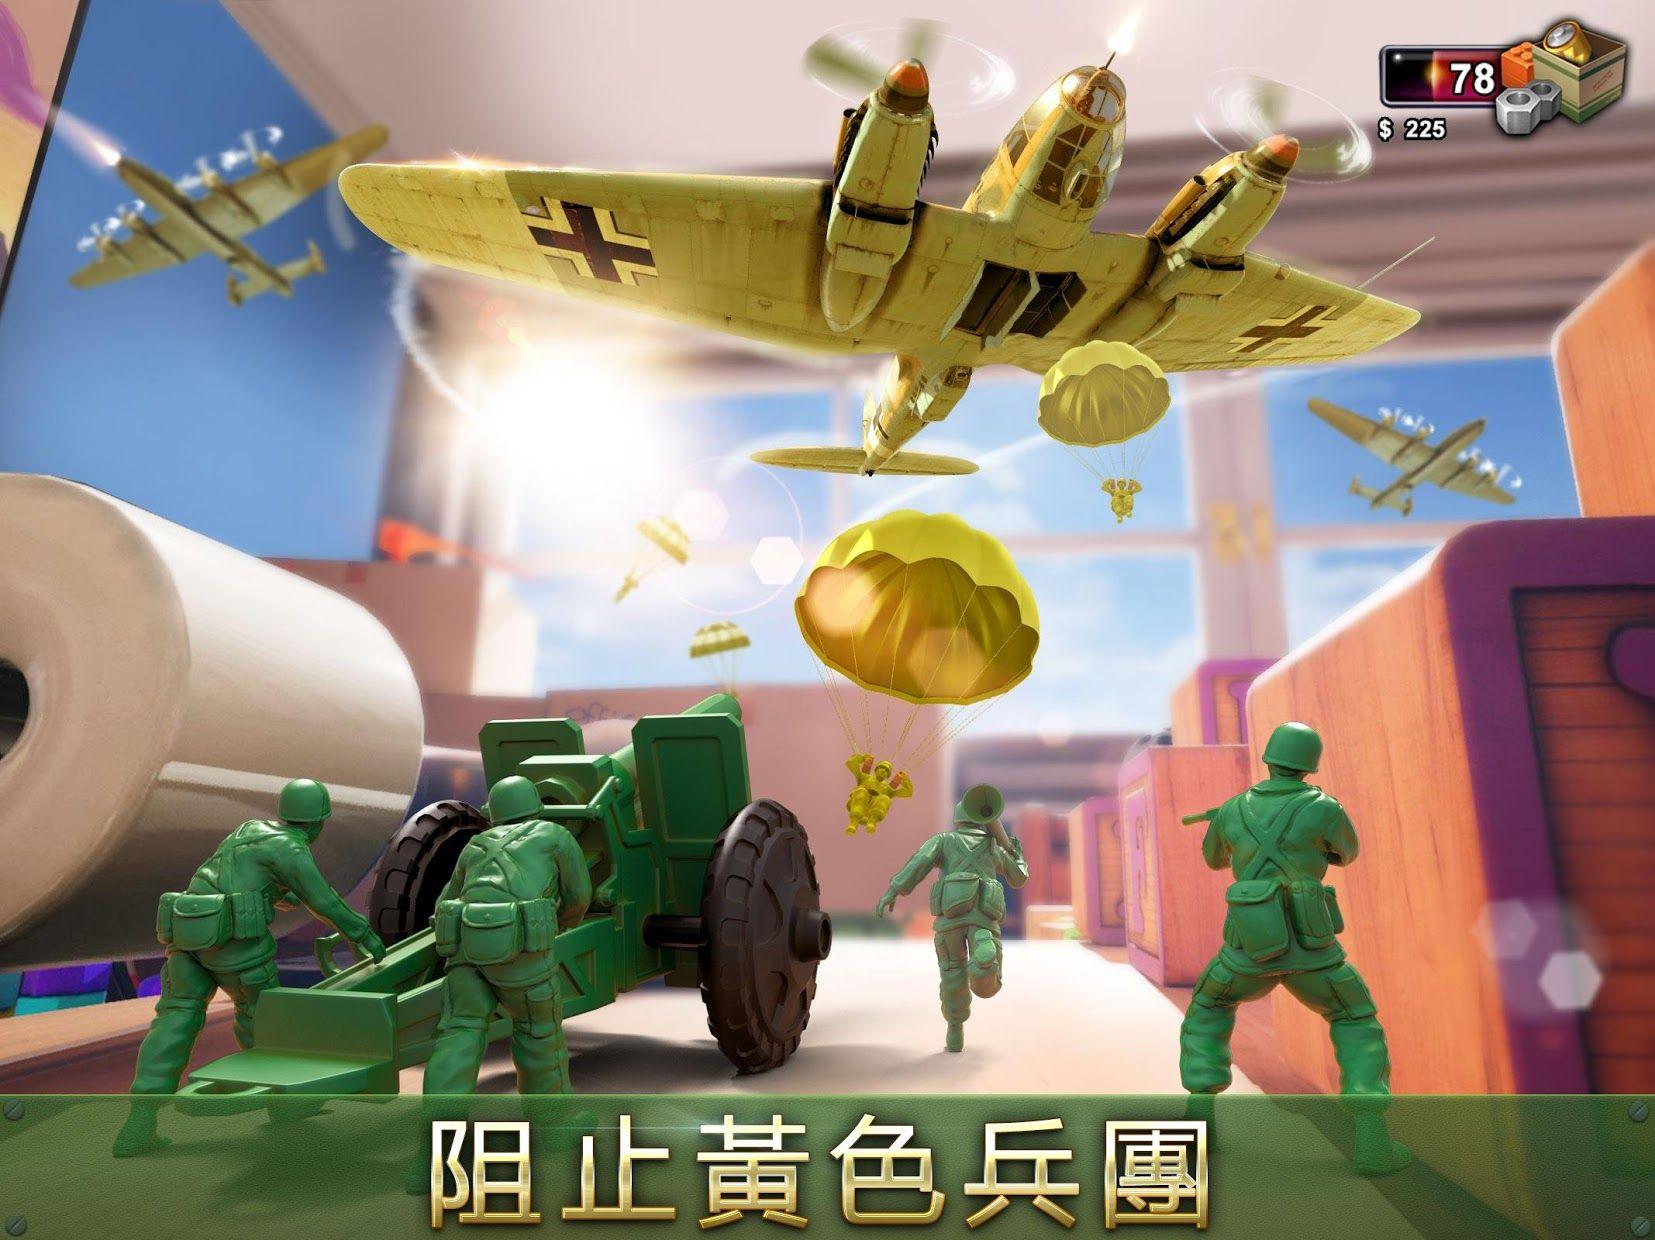 兵人大战 游戏截图4